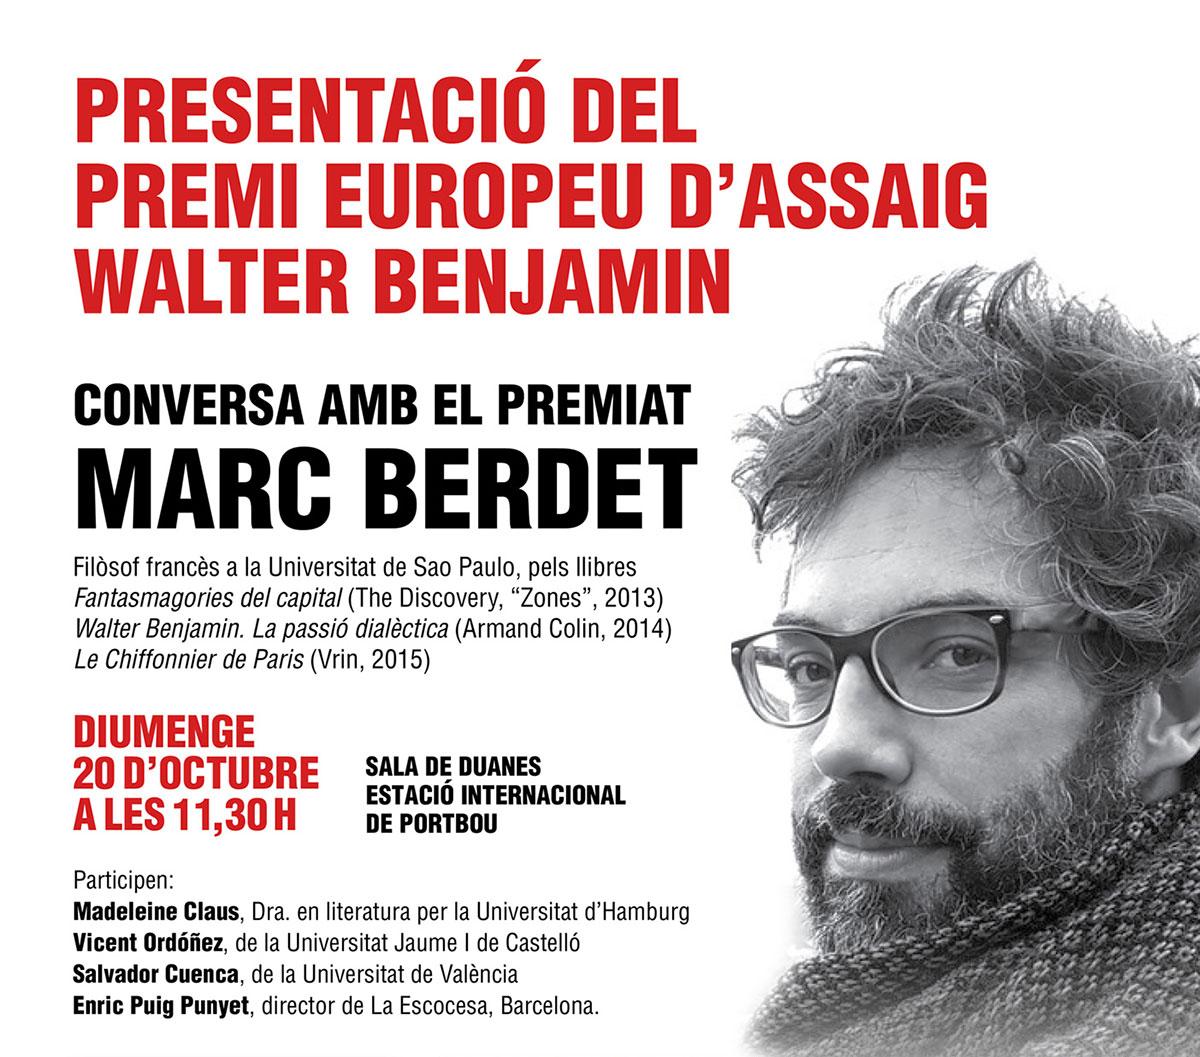 Presentació Premi Europeu d'Assaig Walter Benjamin